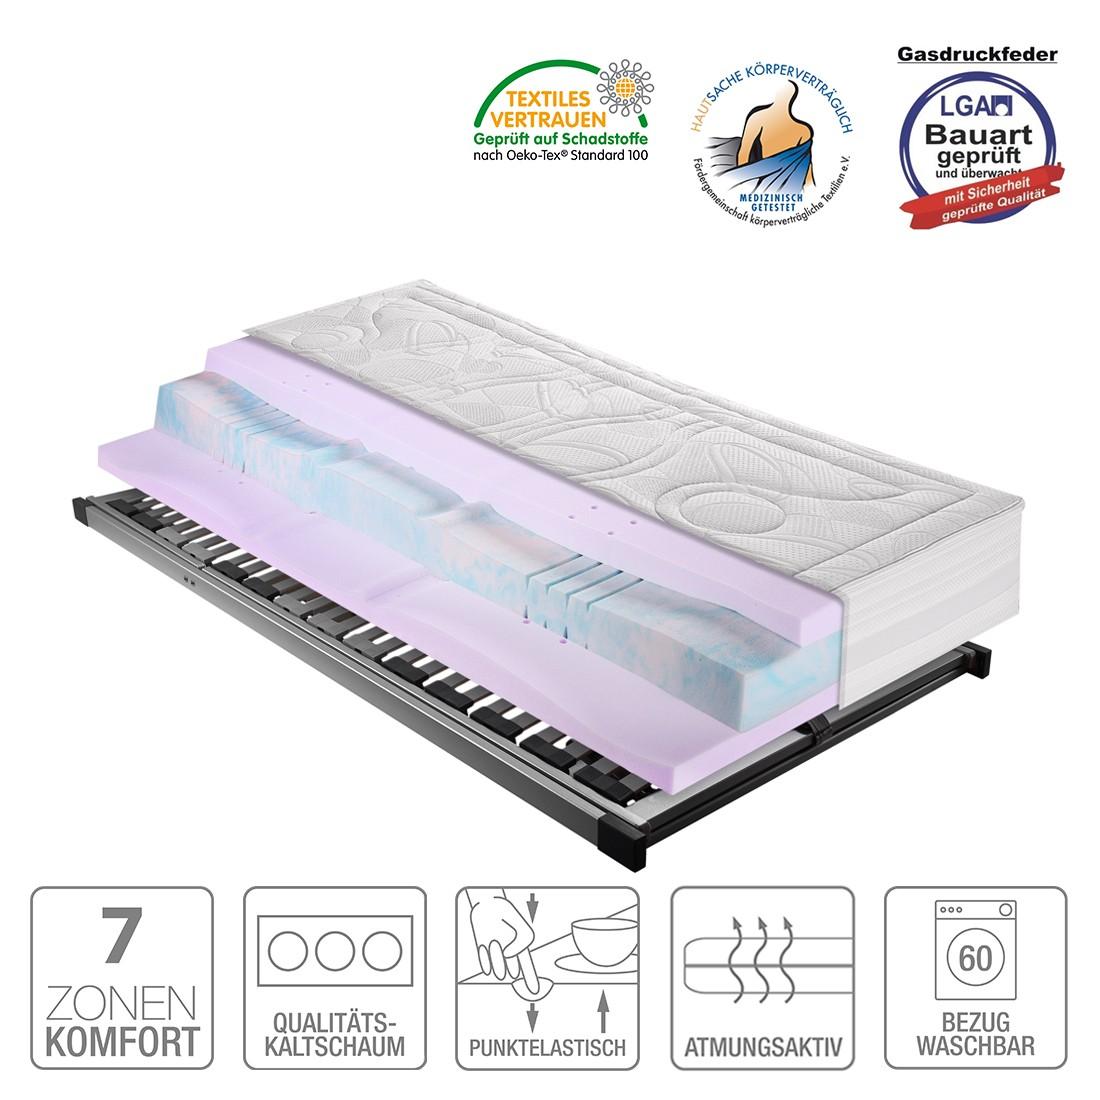 Sparset Sleep Gel 5 – Kaltschaummatratze & Lattenrost Silver (verstellbar) – 80 x 200cm – H2 bis 80 kg, Breckle kaufen